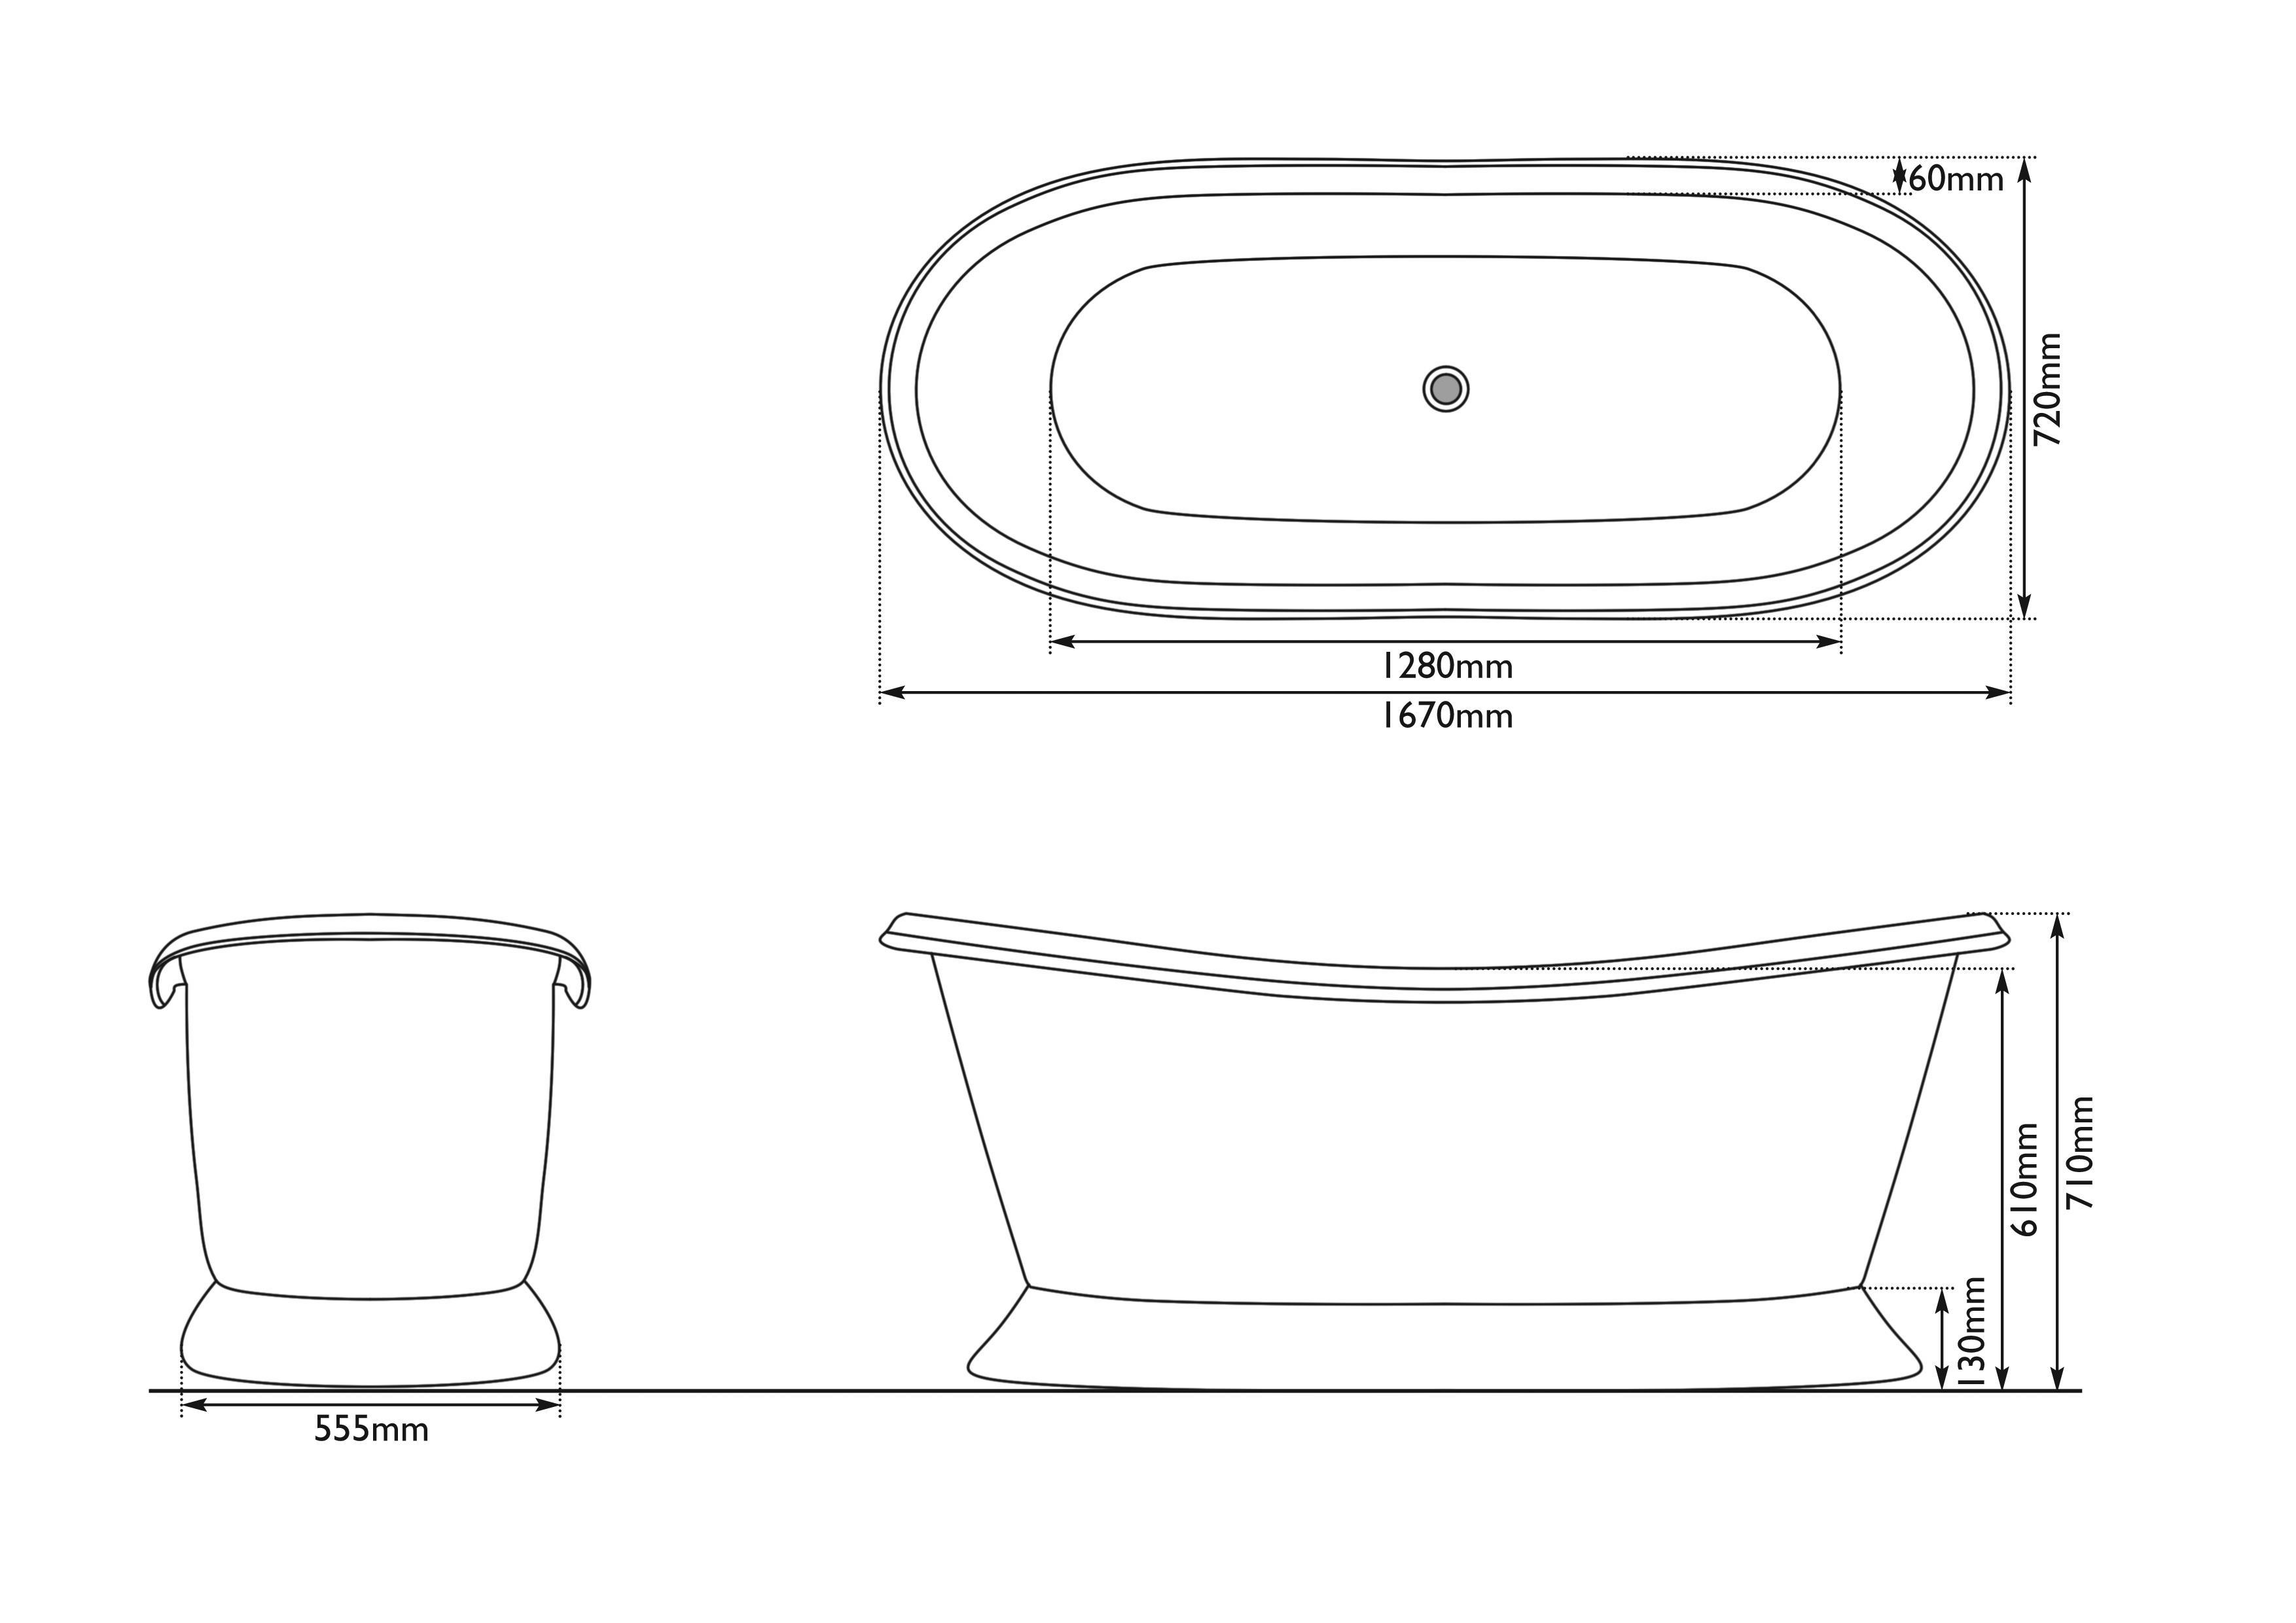 Dimensions Of Copper Bateau Bath